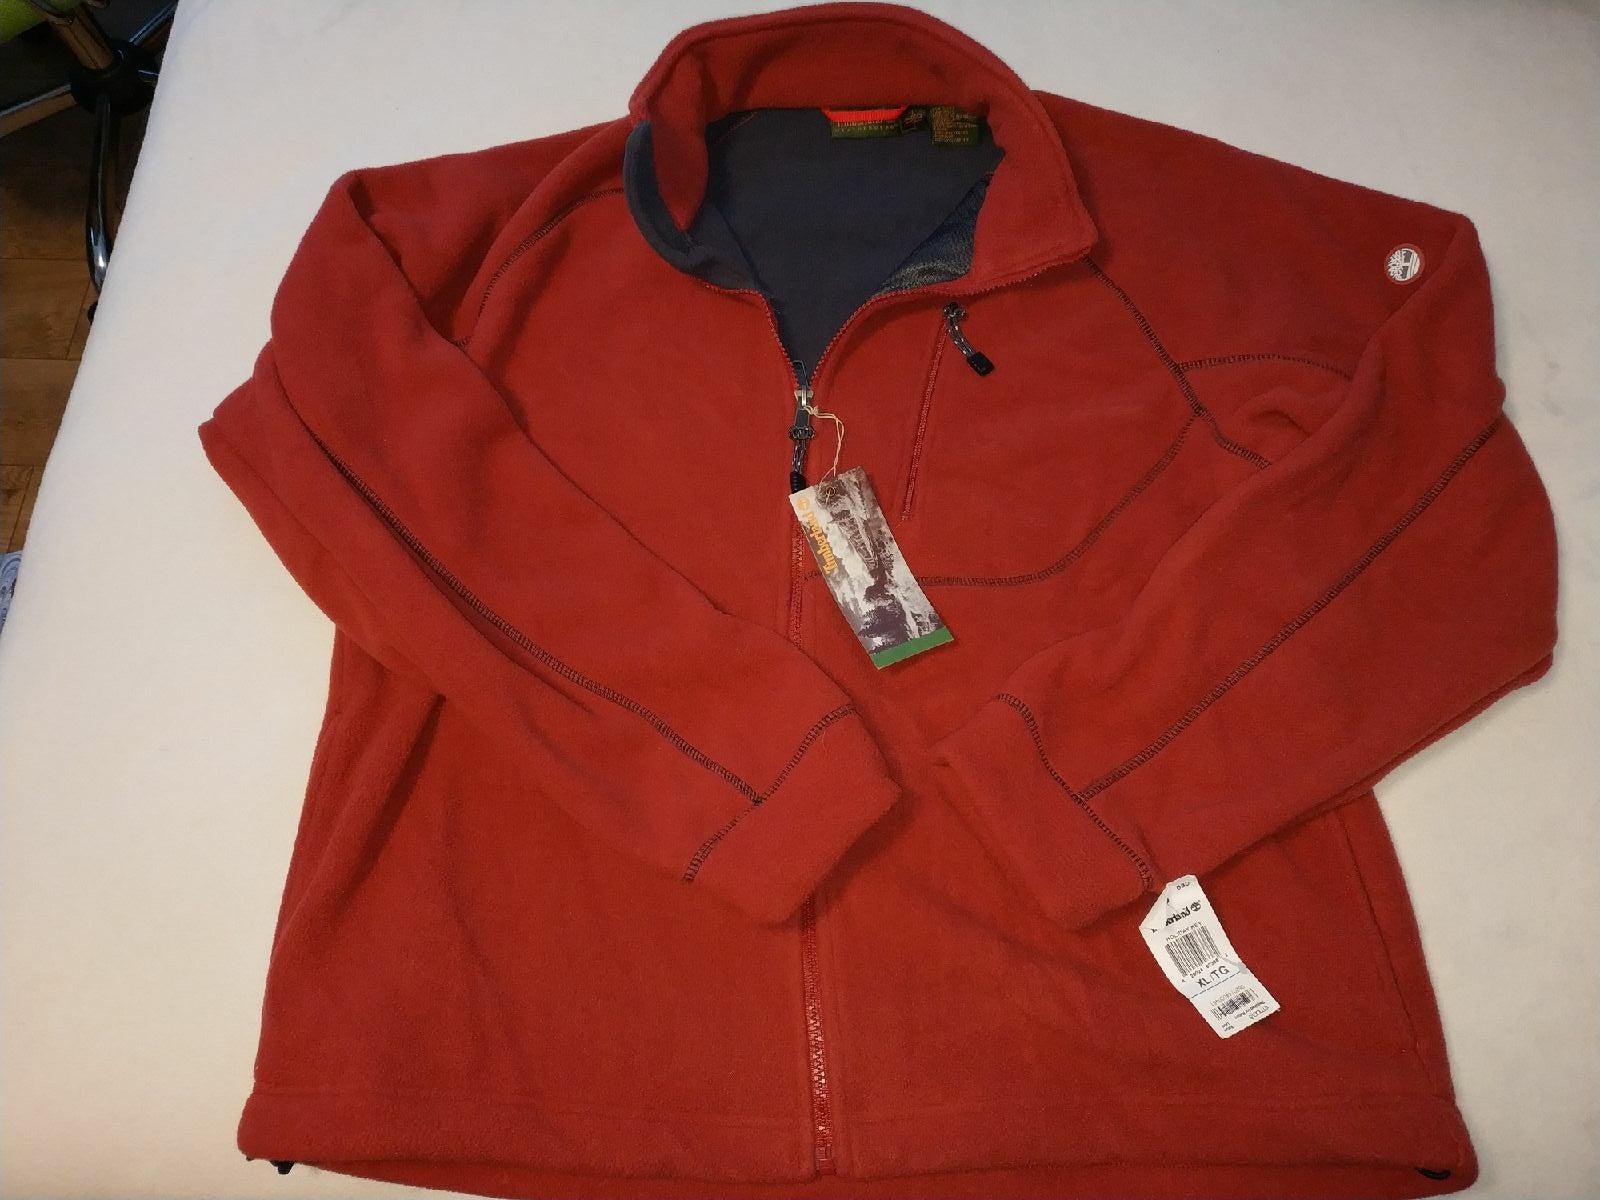 New Timberland Weathertech Mens Jacket